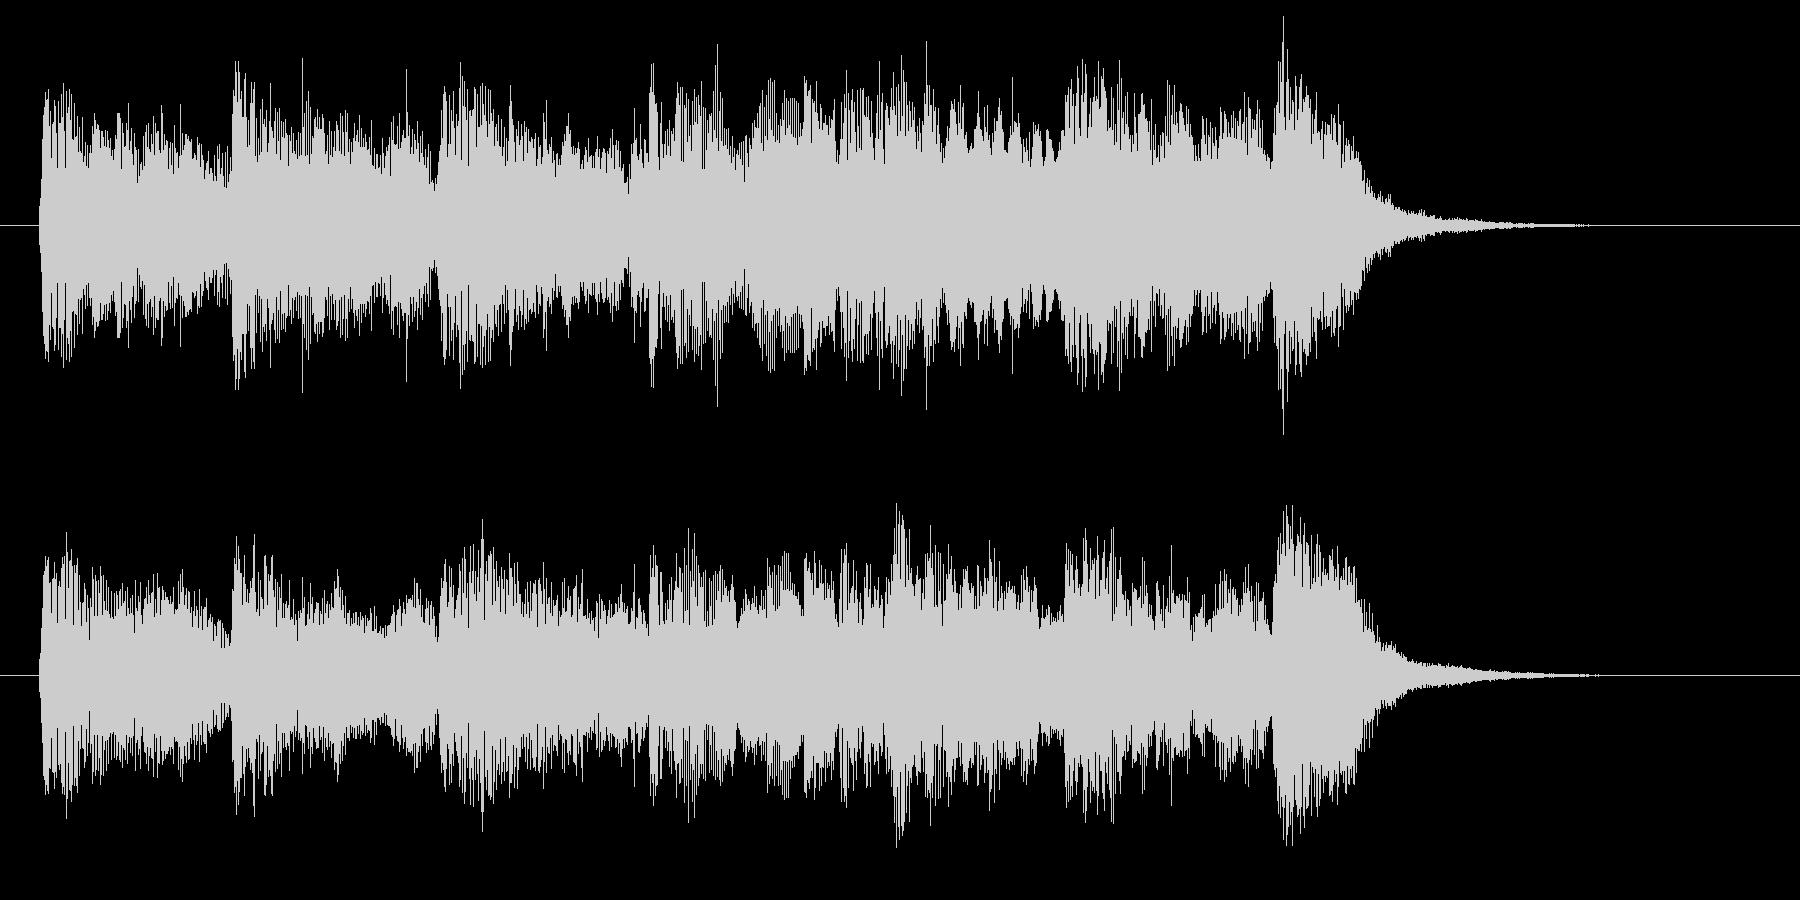 ビブラフォンの音が幻想的なバラードの未再生の波形